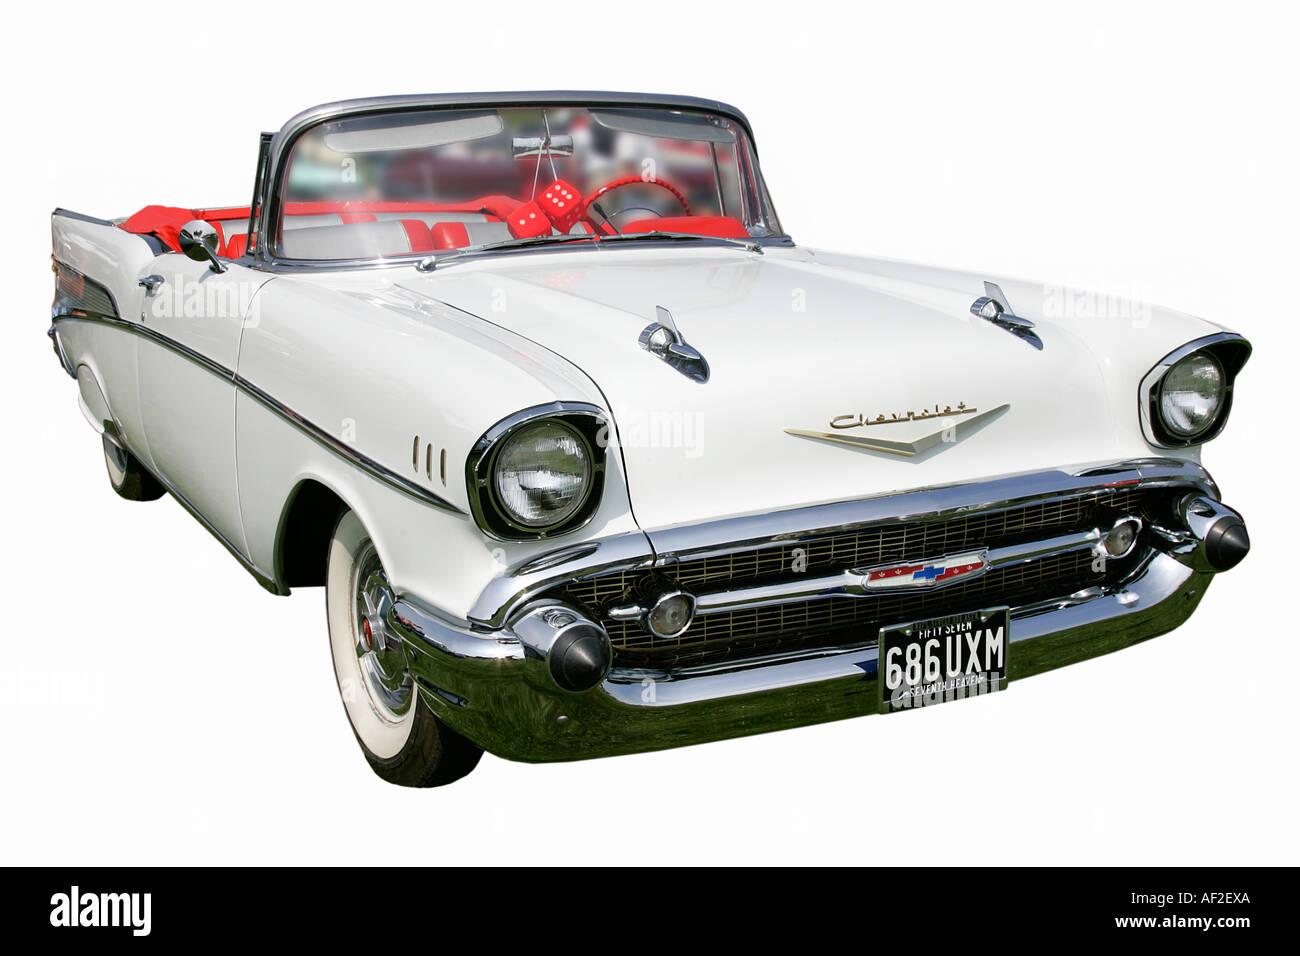 Amerikanische alte Auto klassische Geschichte Fahrzeug Vintage Antipoden symbol Sammler alter golden Autofahren Transport Restaurierung fahren Stockbild